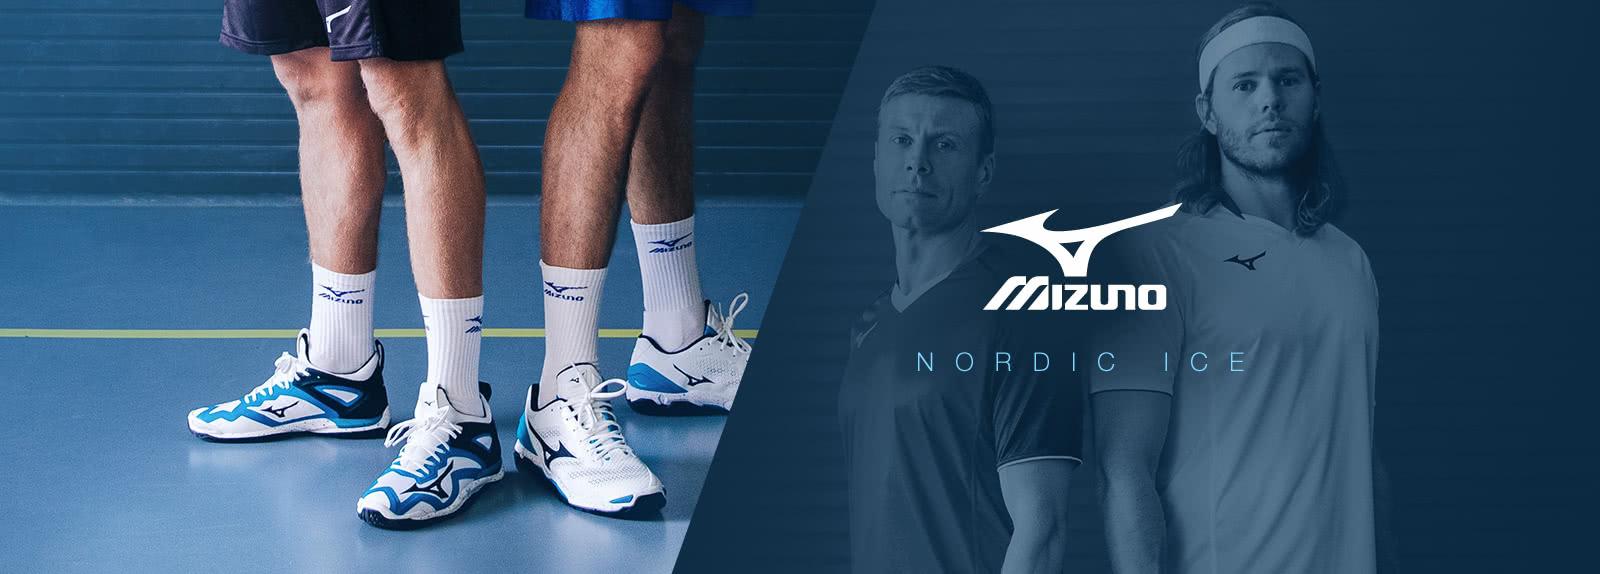 New co Mizuno Nordic Ice